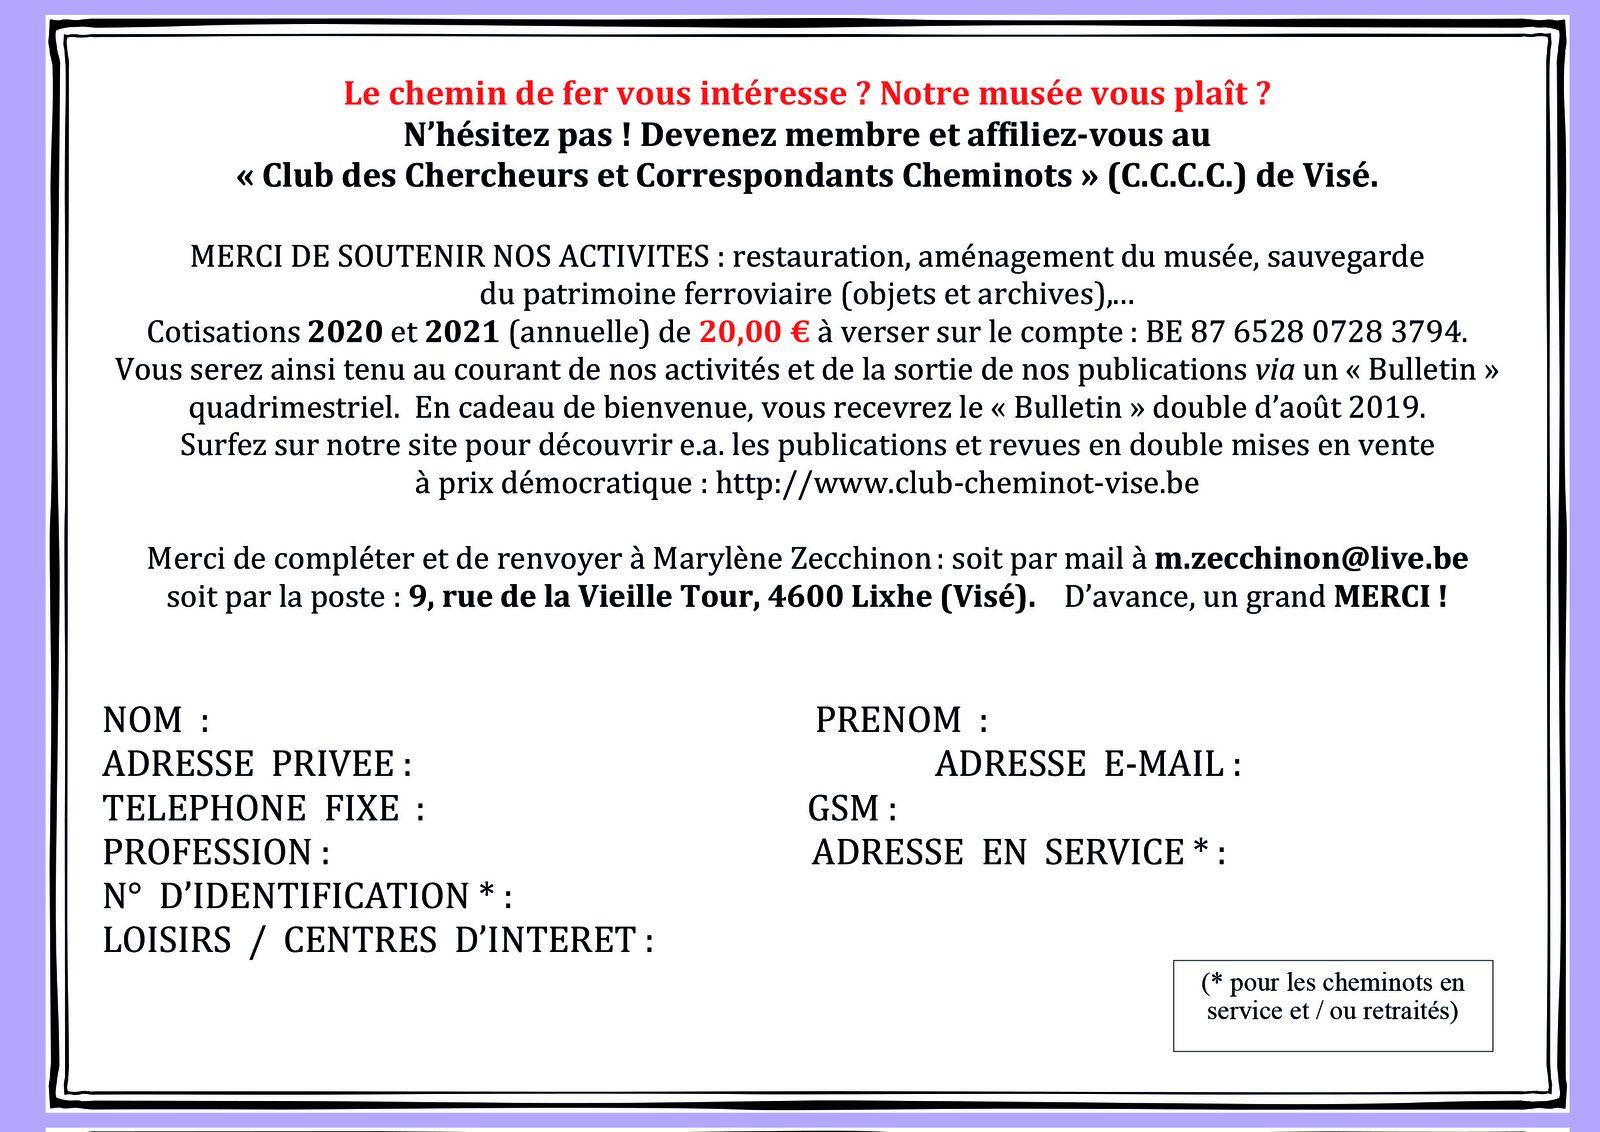 Bulletin d'affiliation au C.C.C.C.